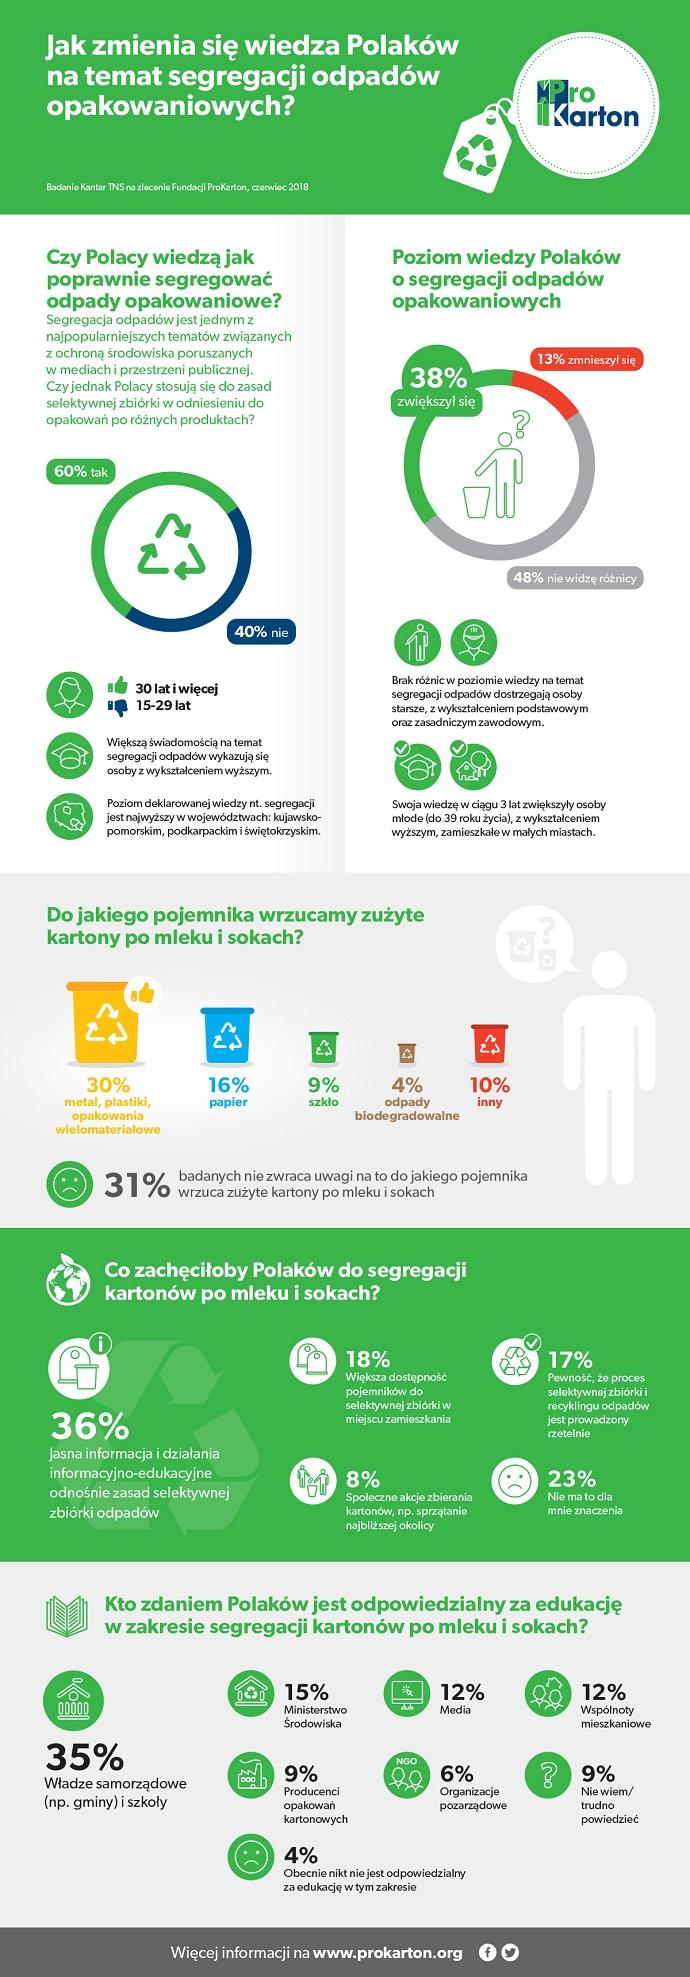 Segregacja odpadów wielomateriałowych i kartonów po napojach 2018 - infografika